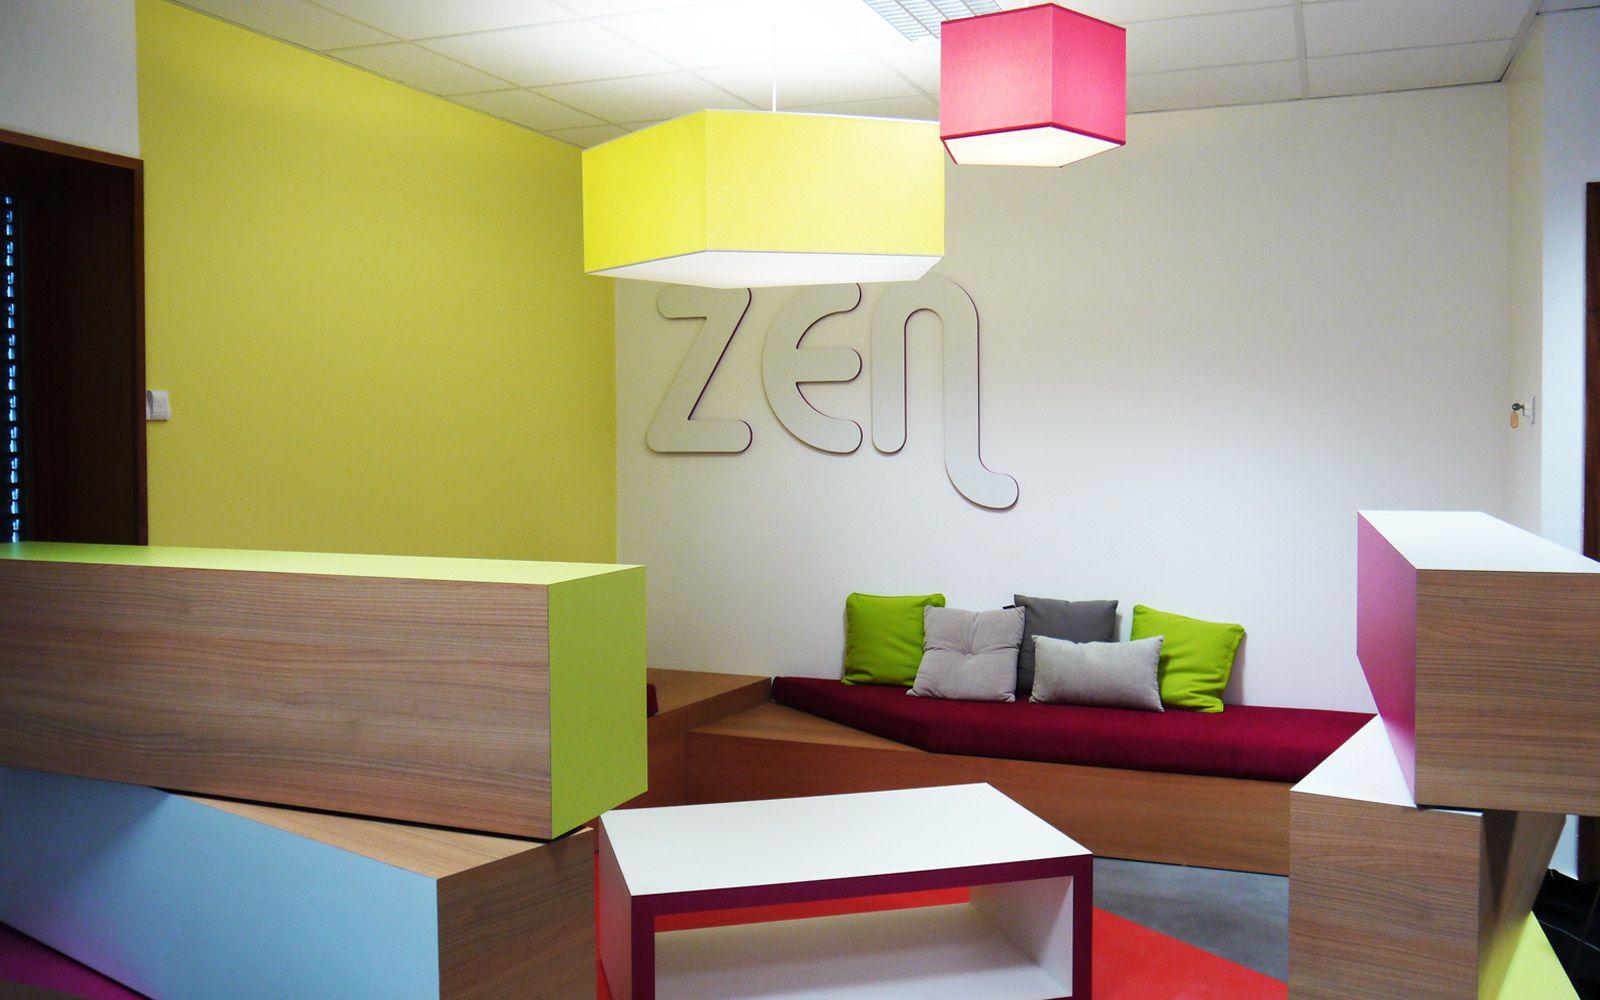 ambiance zen et diy espace bureau accueil et salle d 39 attente pinterest. Black Bedroom Furniture Sets. Home Design Ideas